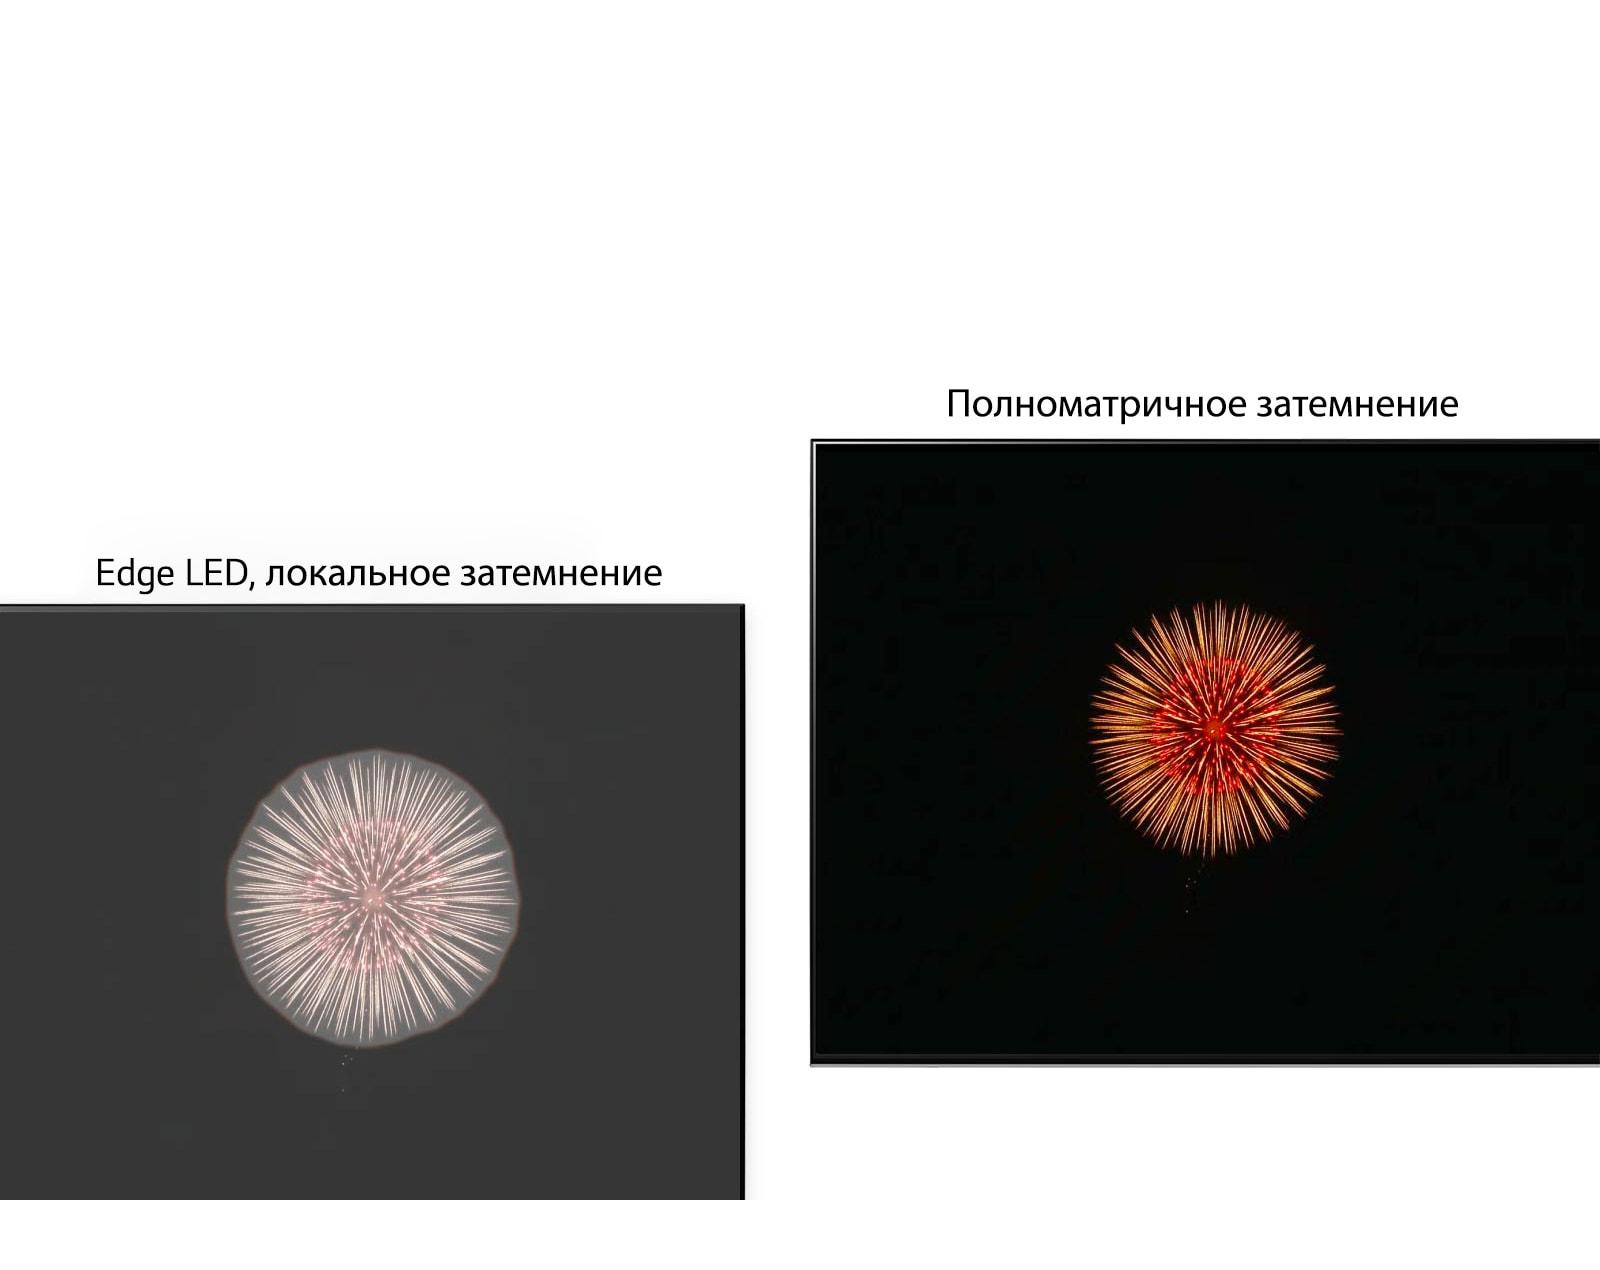 Сравнение Edge LED с локальным затемнением (слева), имеющим эффект свечения, с полнодиапазонным затемнением (справа), обеспечивающим глубокий черный цвет и минимальное свечение (просмотр видео).